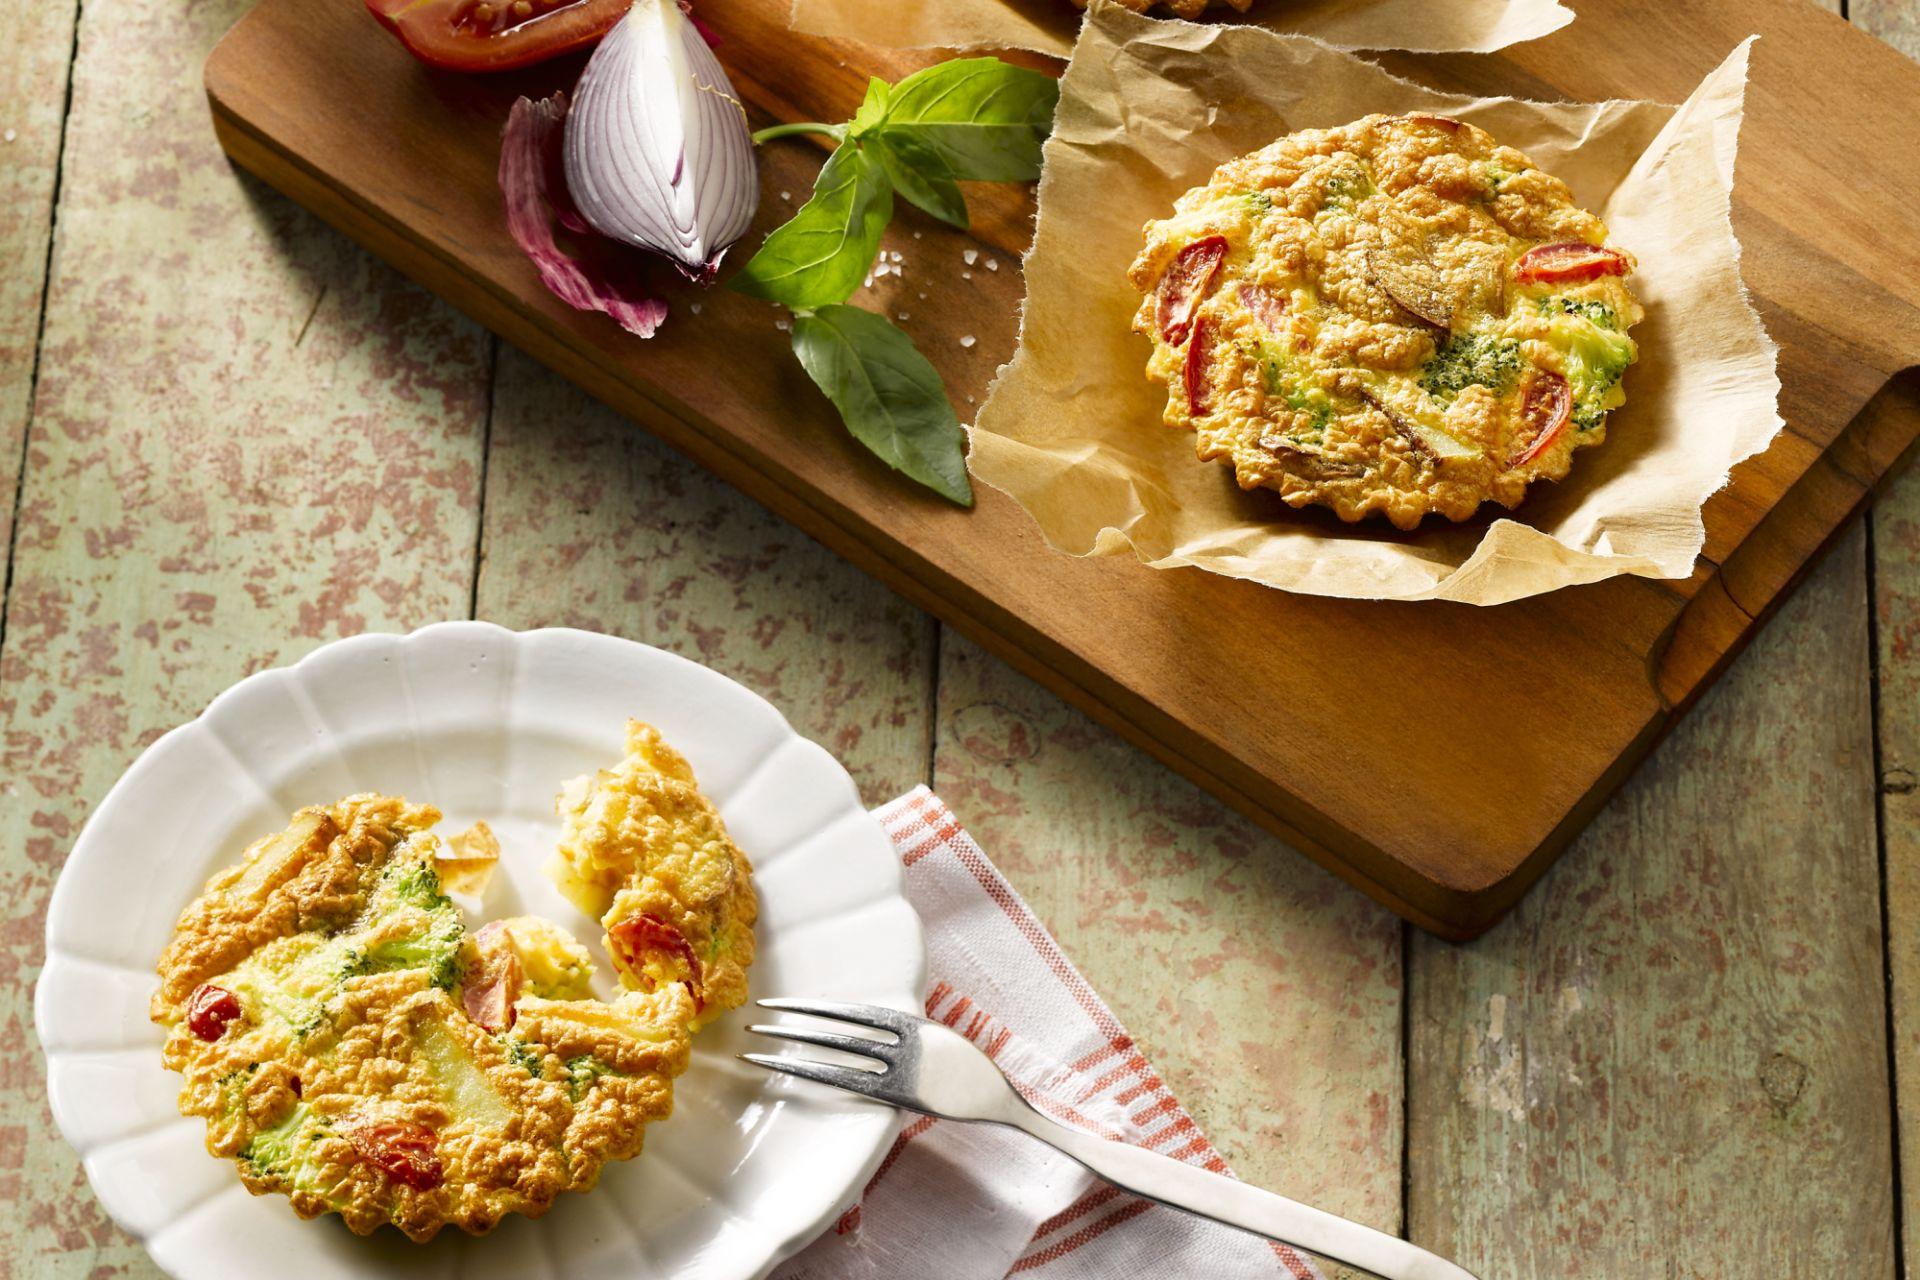 Frittata met kerstomaat, broccoli en rode ui